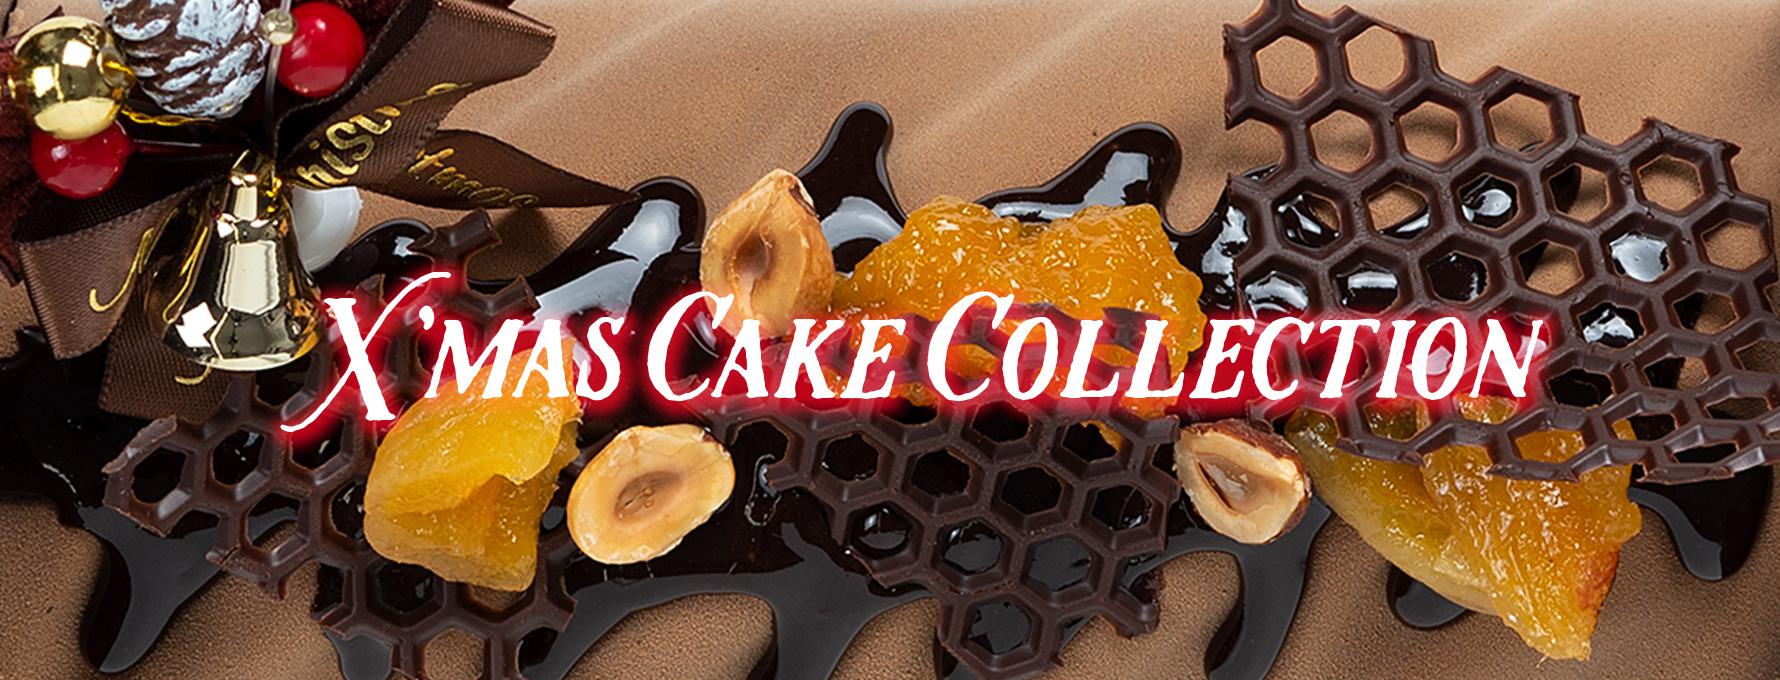 洋菓子マウンテンのクリスマスケーキ2018